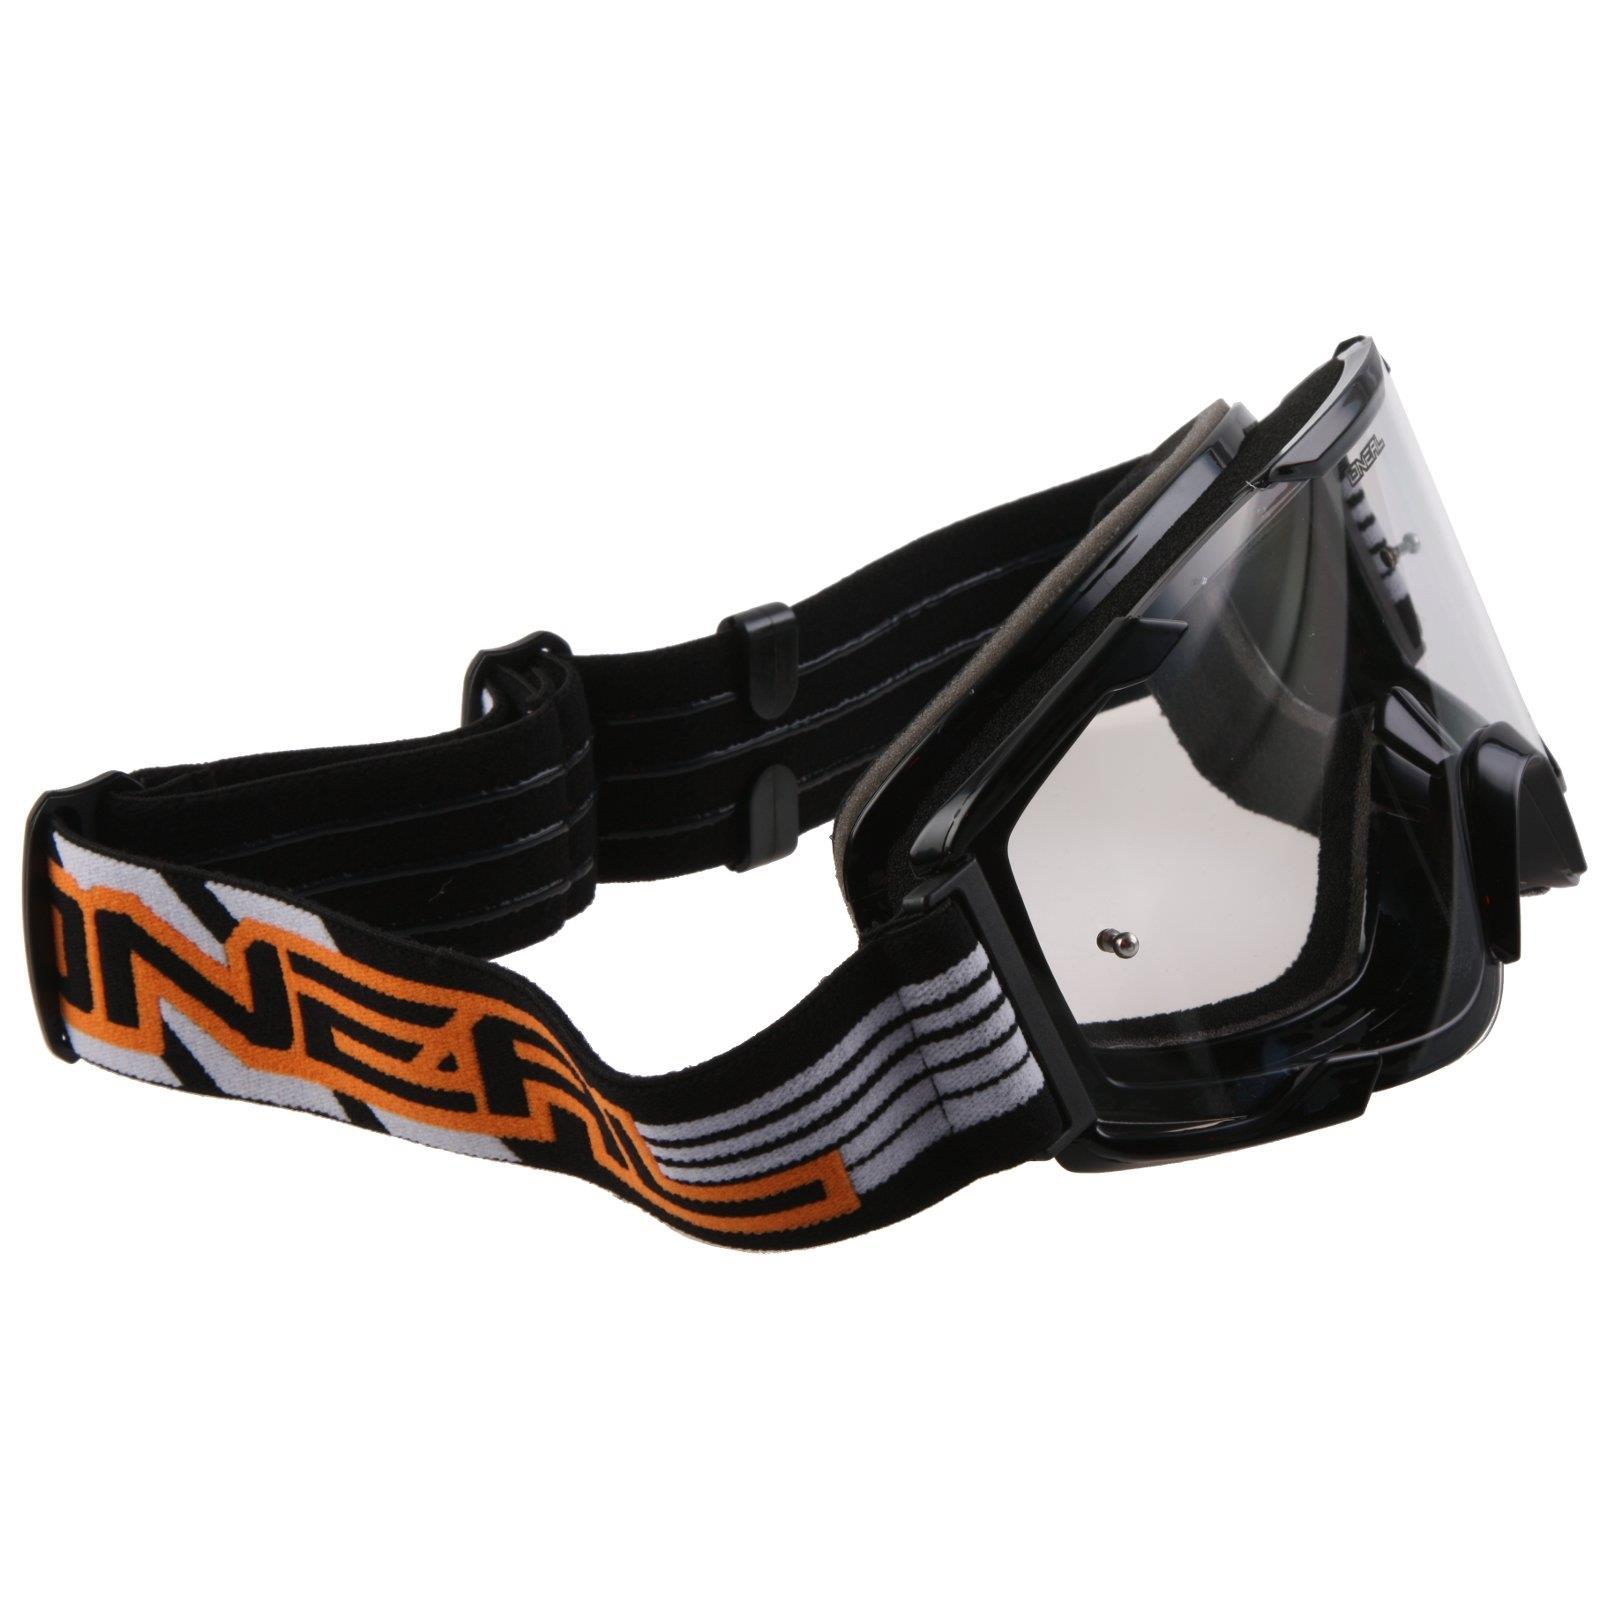 O-039-Neal-Crossbrille-Goggle-MOTOCROSS-DOWNHILL-MX-MTB-DH-b1-b2-b30-B-Zero-B-Flex miniatura 69